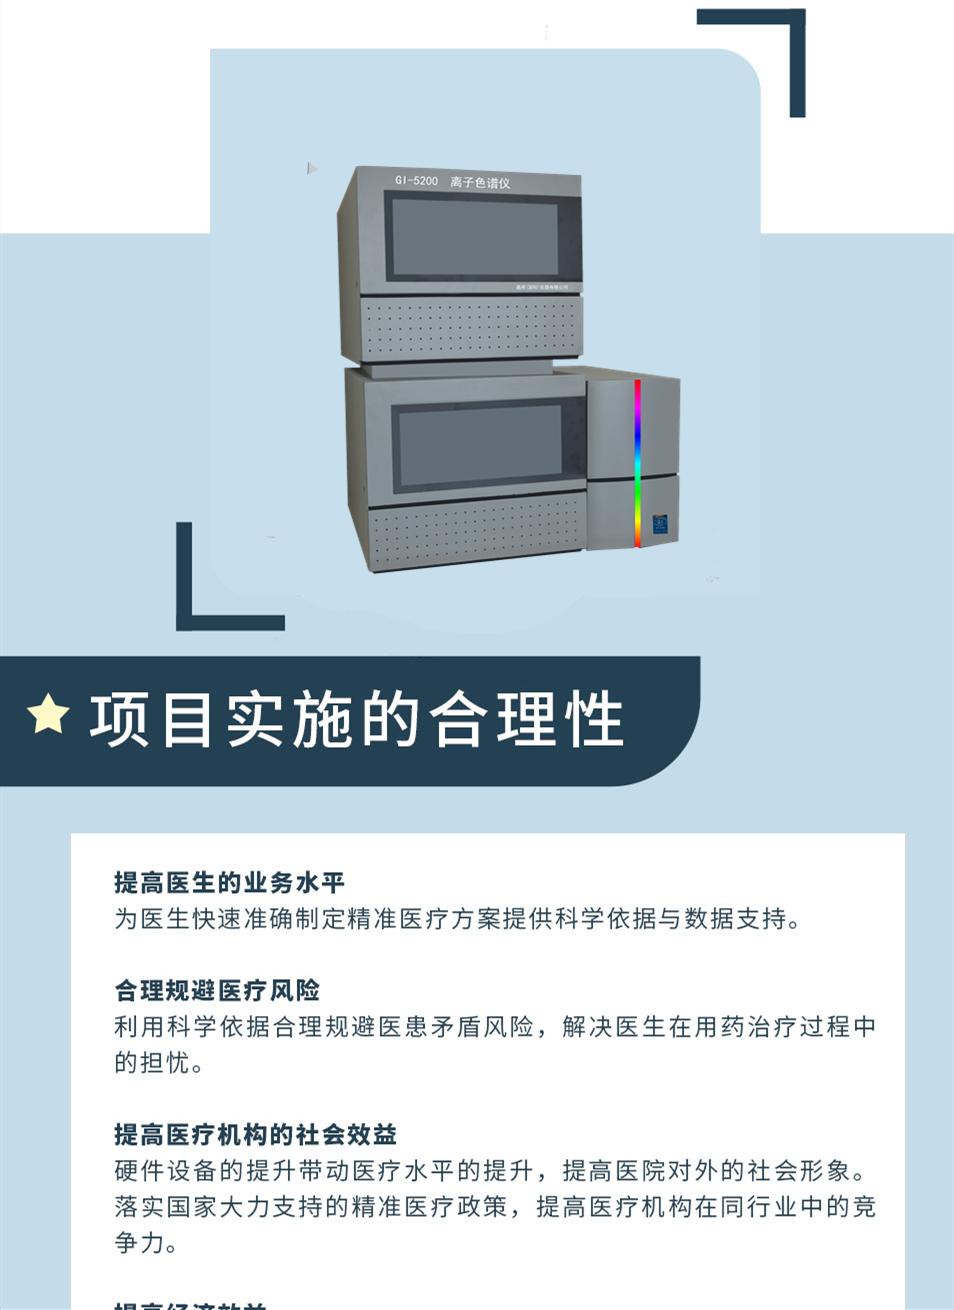 碳酸锂智能二维离子色谱系统GI-5200(图2)